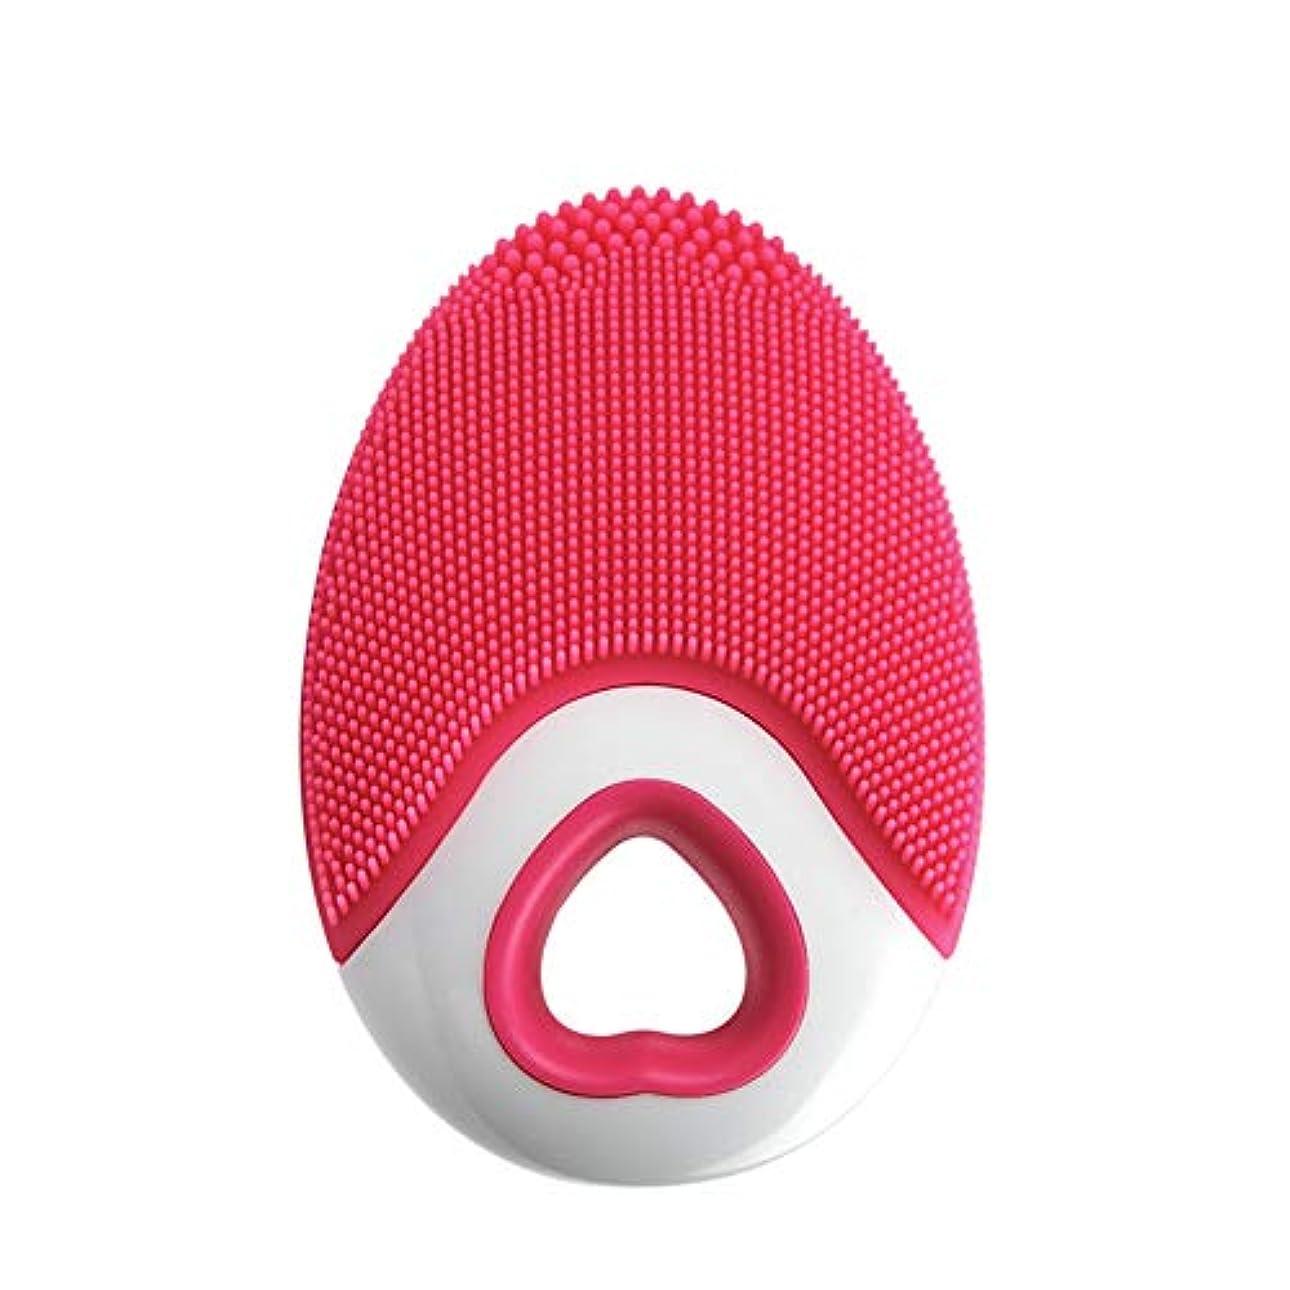 スナッチリットル彼のFuntoget   1ピースシリコンフェイスクレンザーブラシ超音波ディープクリーニング防水ワイヤレス充電